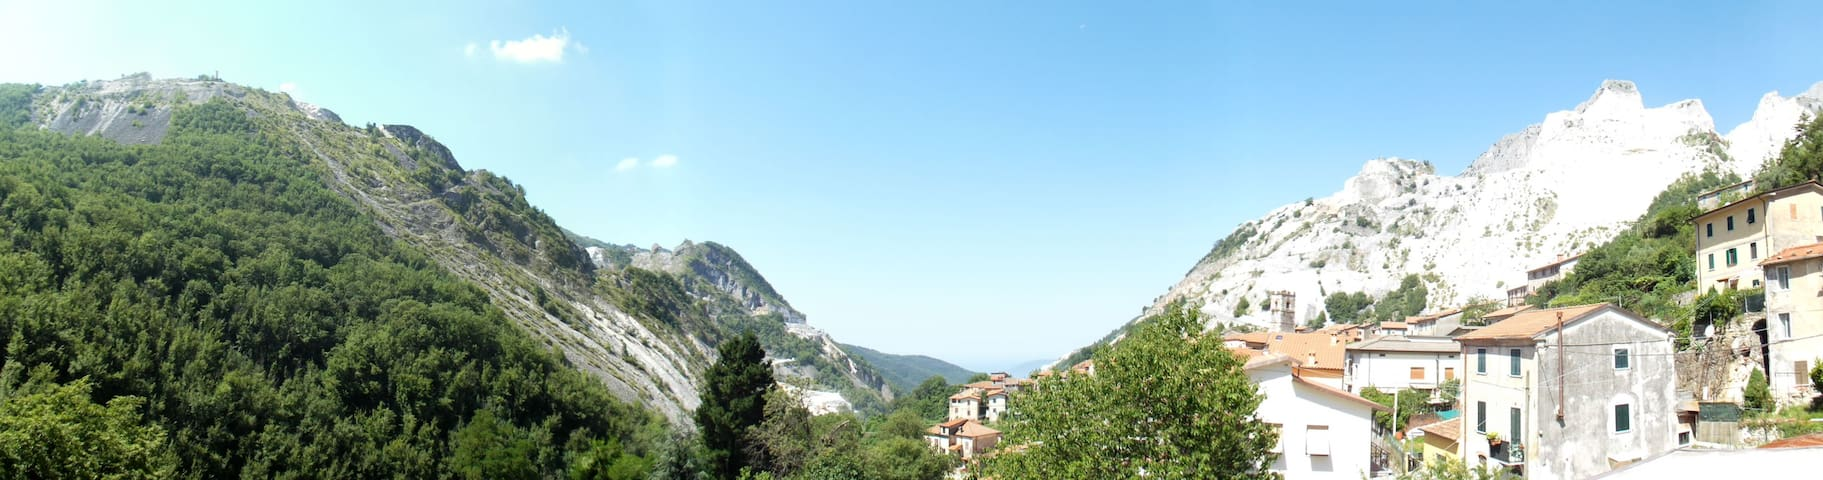 Nel cuore delle Alpi  Apuane - Colonnata - Appartement